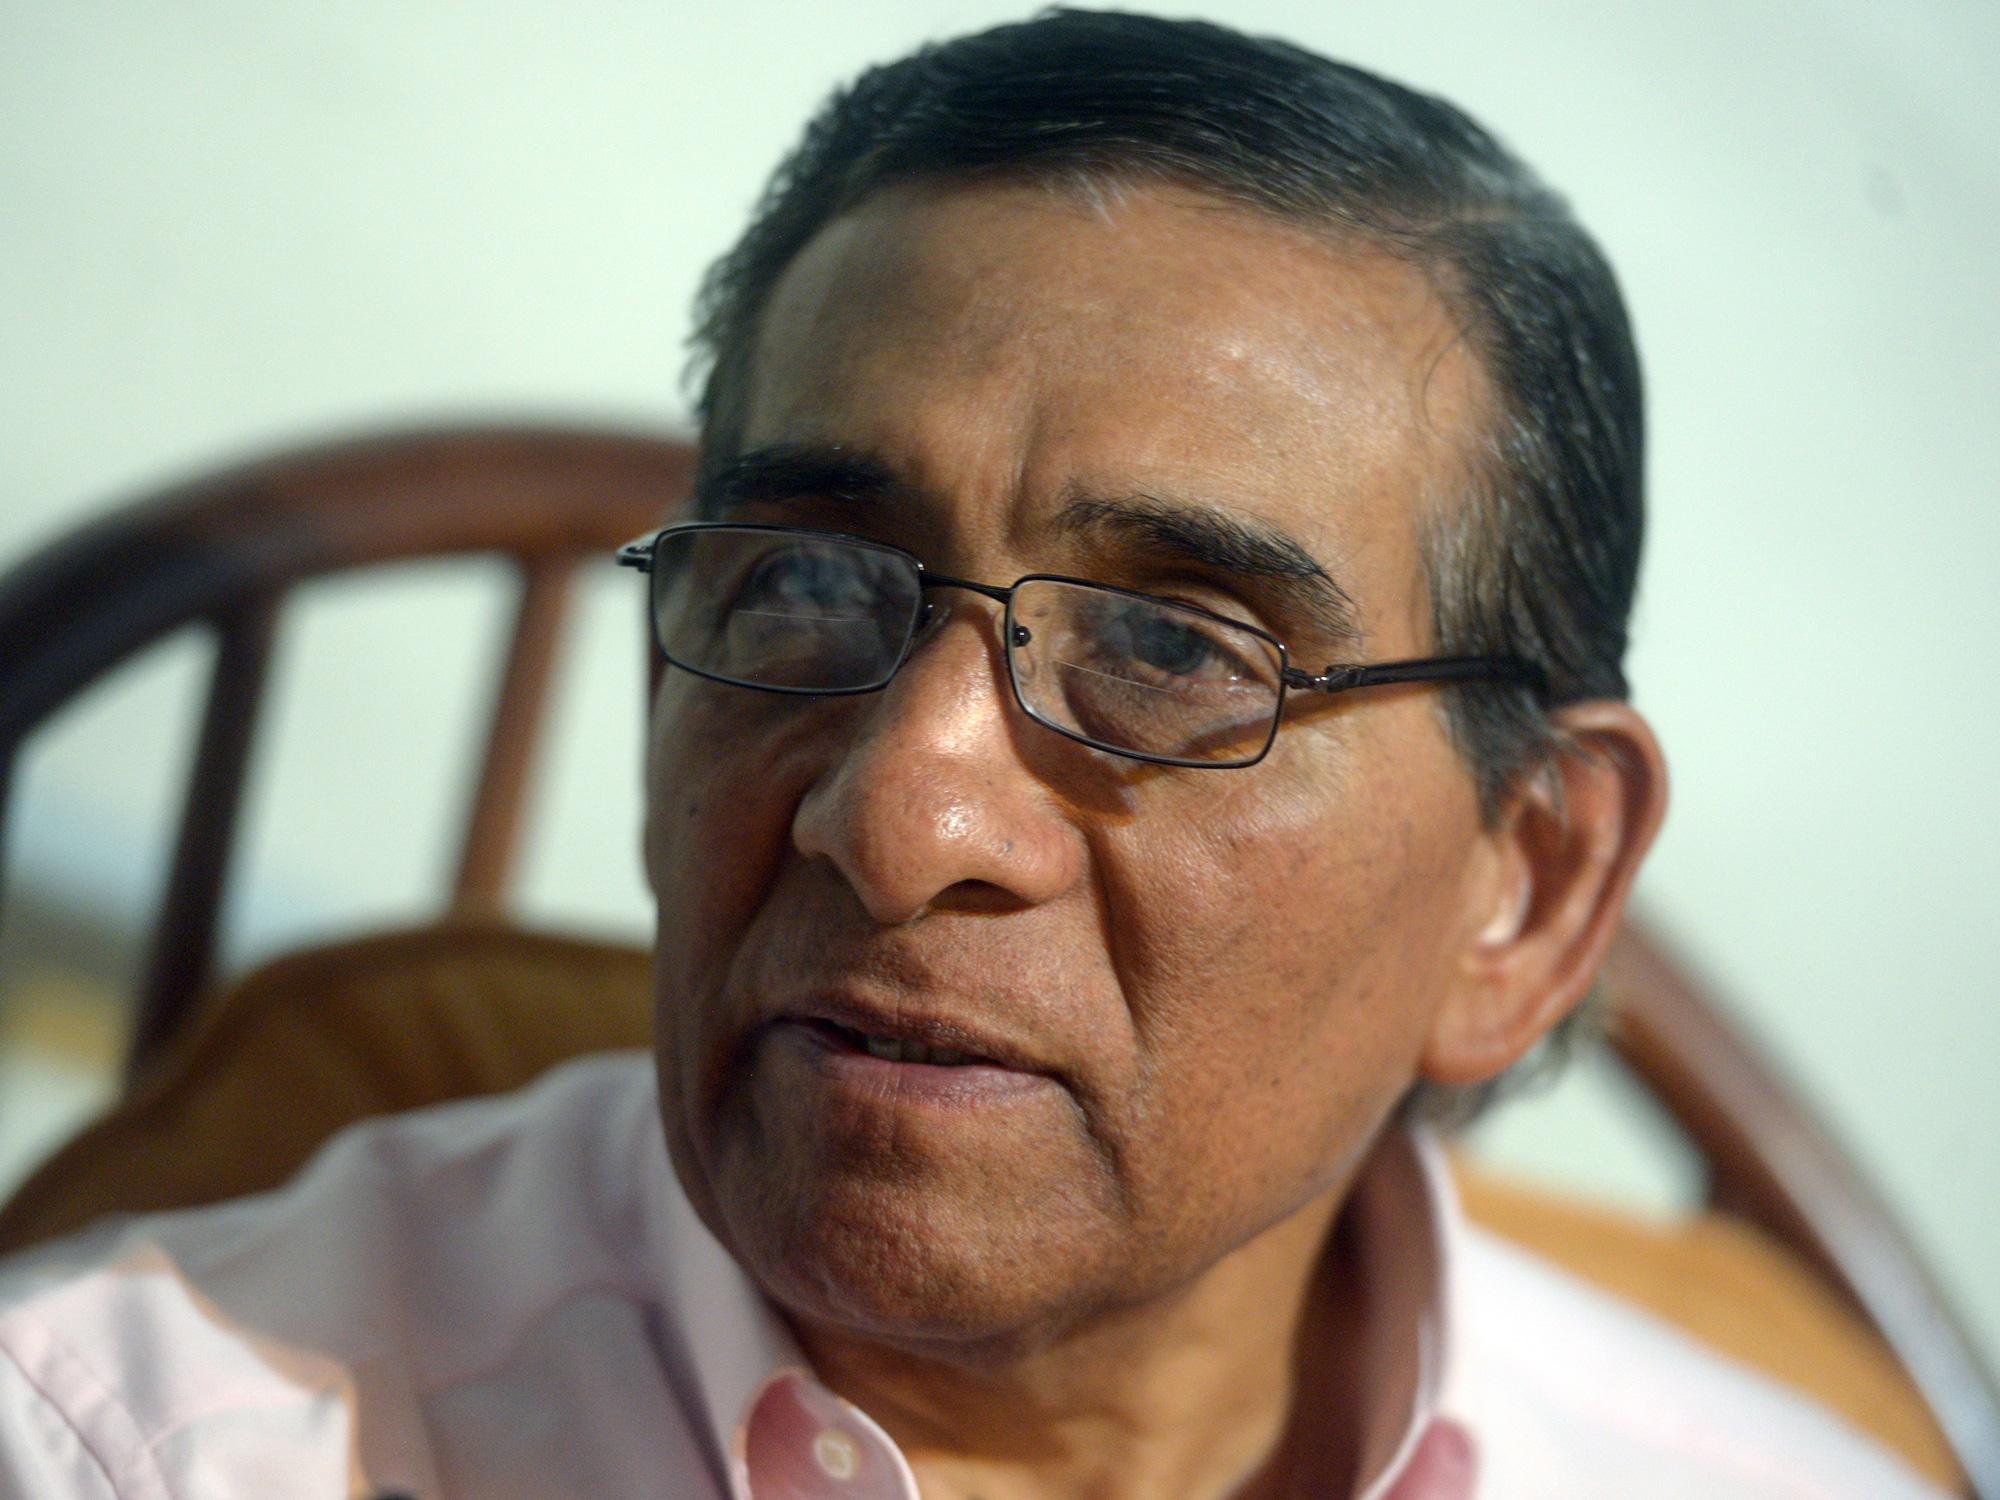 Former El Salvador captain Salvador Mariona.